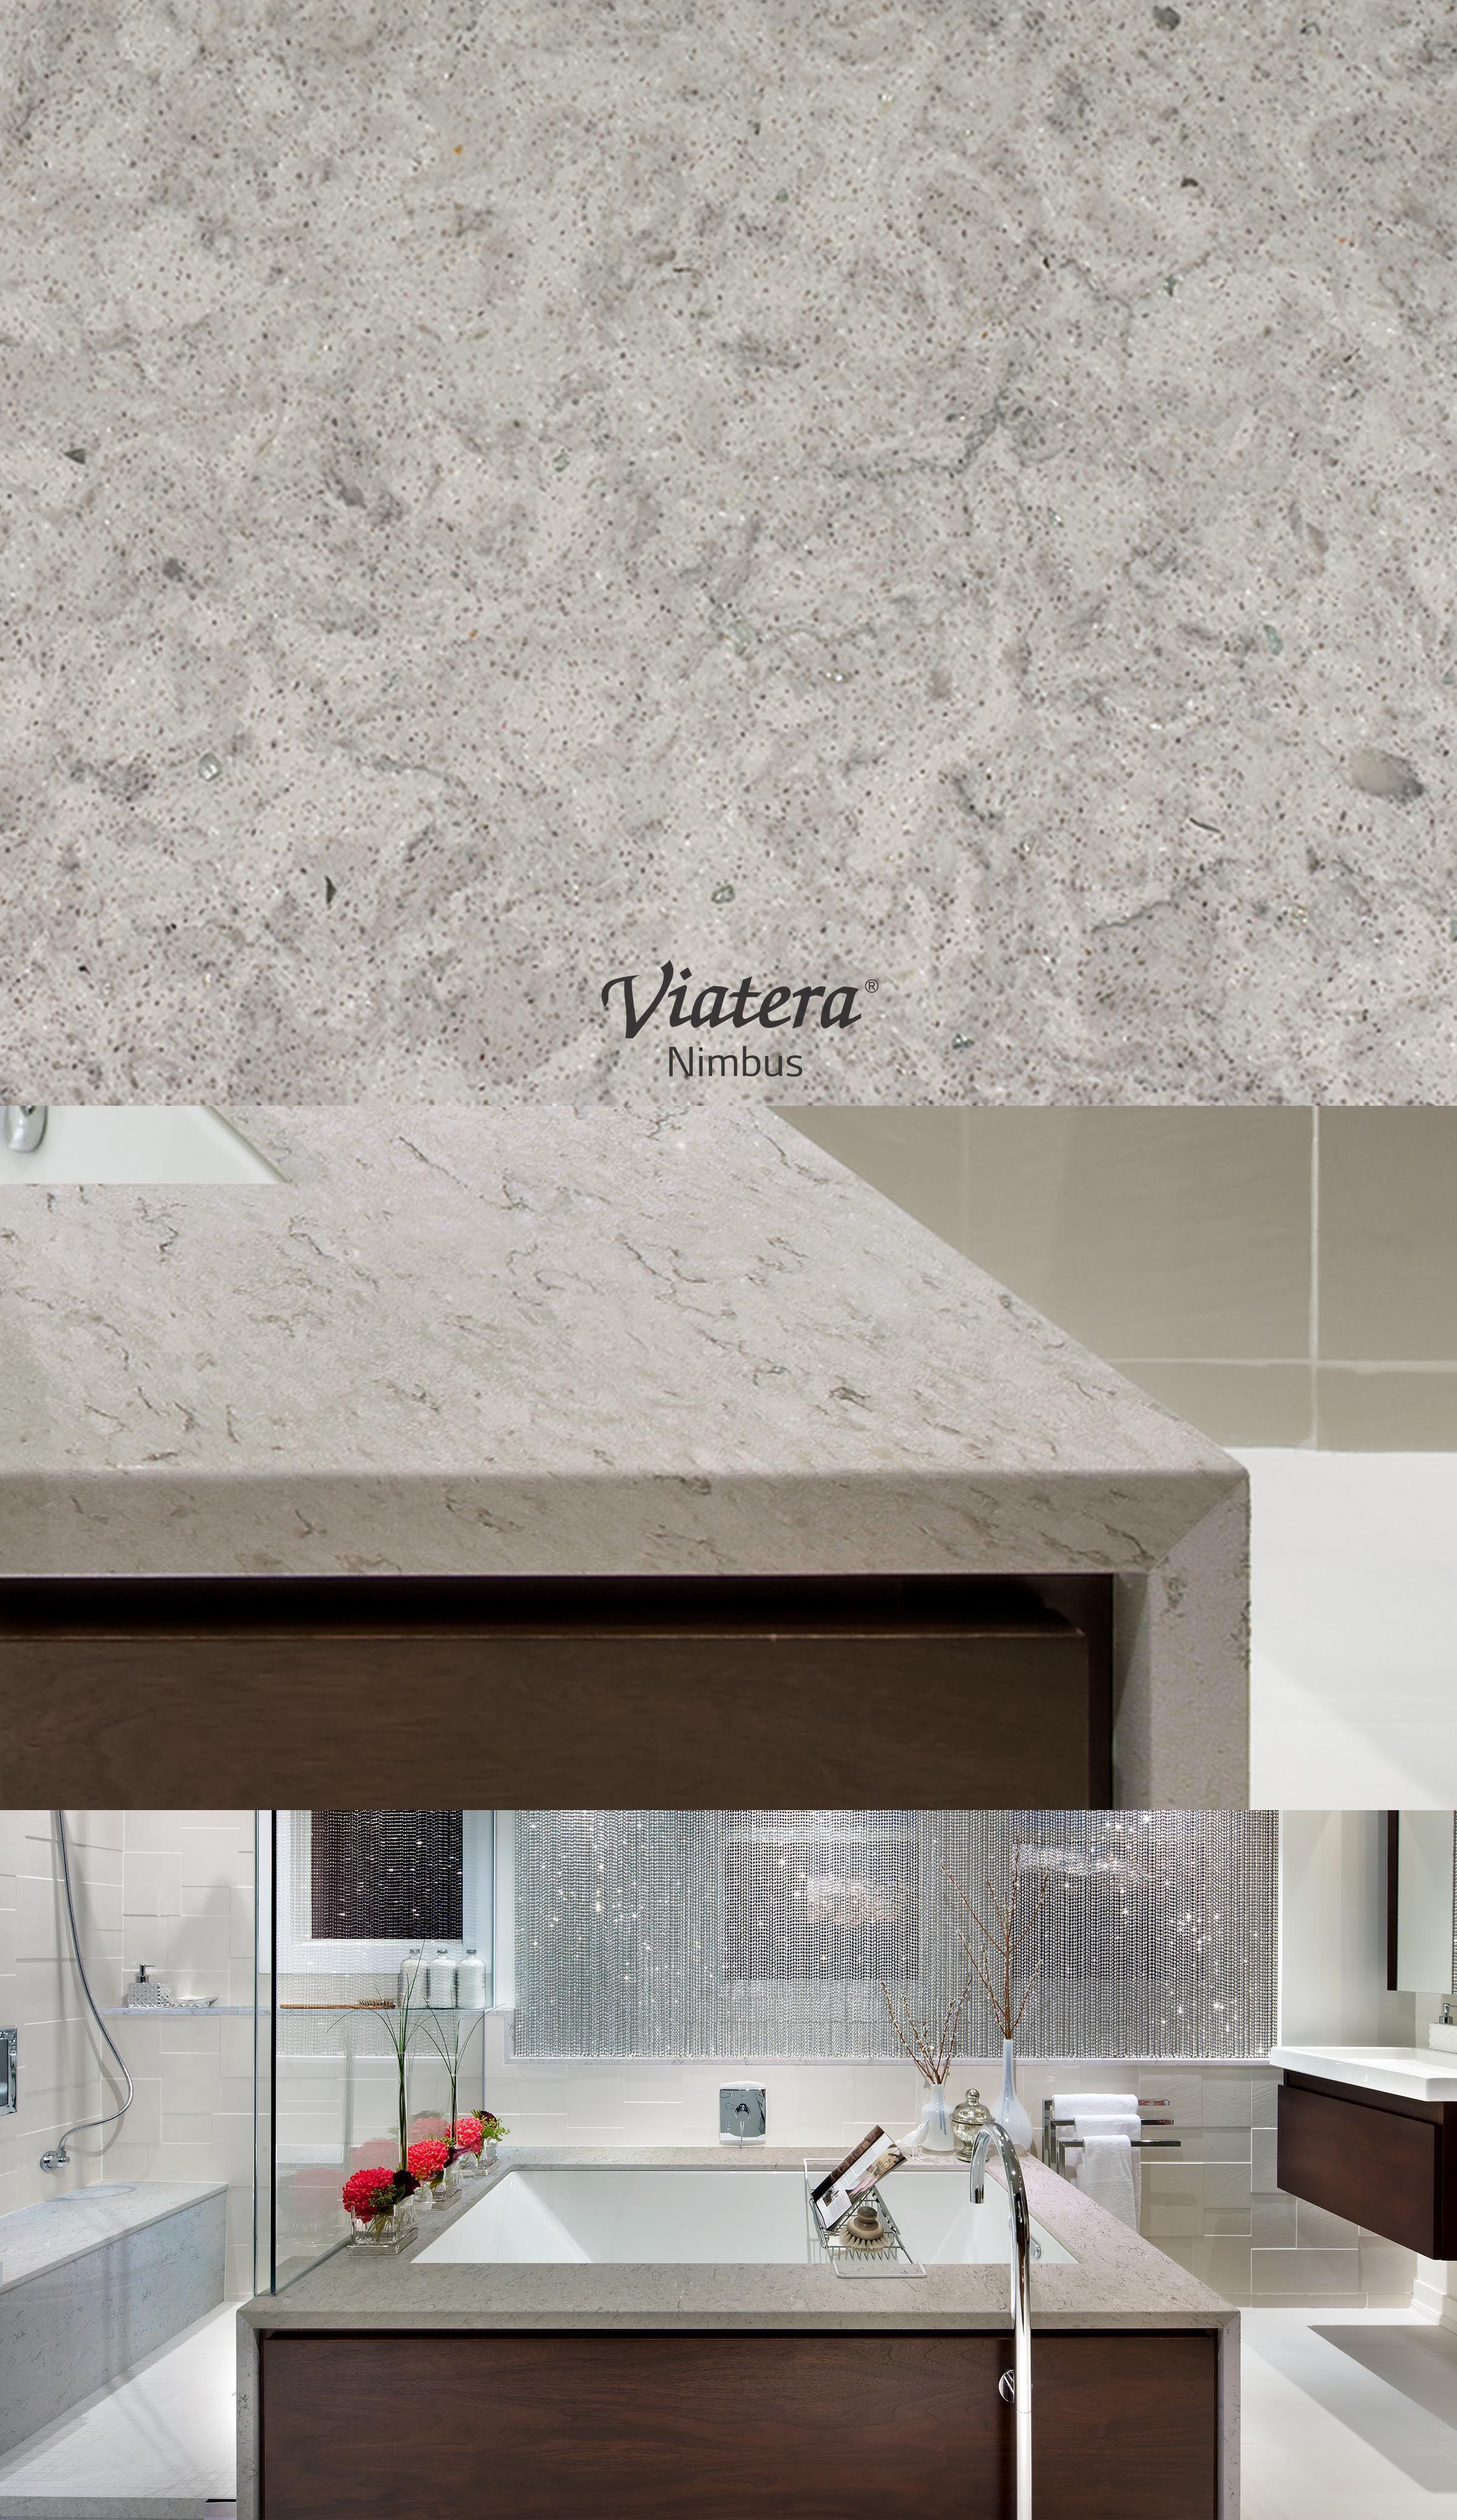 Viatera Nimbus L Quartz Countertop Countertops Contemporary